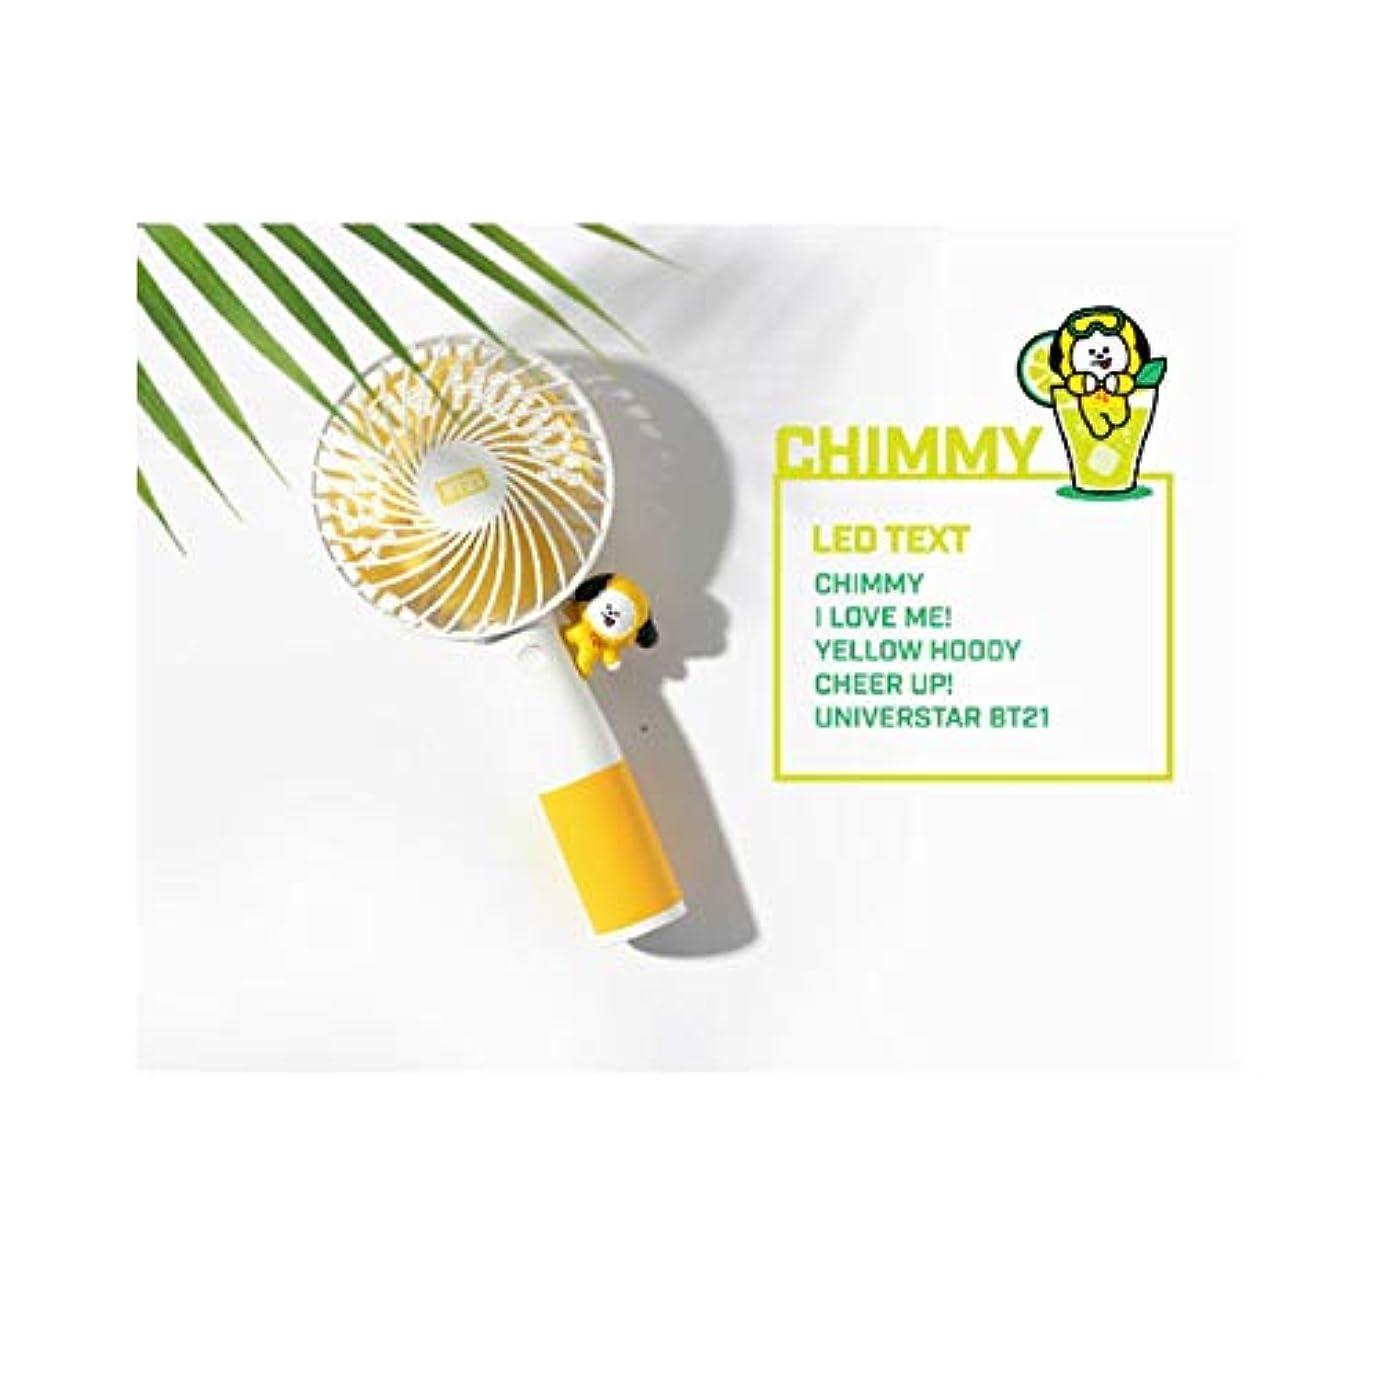 粘性の舌な単調な公式BT21ハンディLED扇風機 携帯扇風機 2019 HANDYFAN7種 BTSグッズ 韓国語 (CHIMMY)